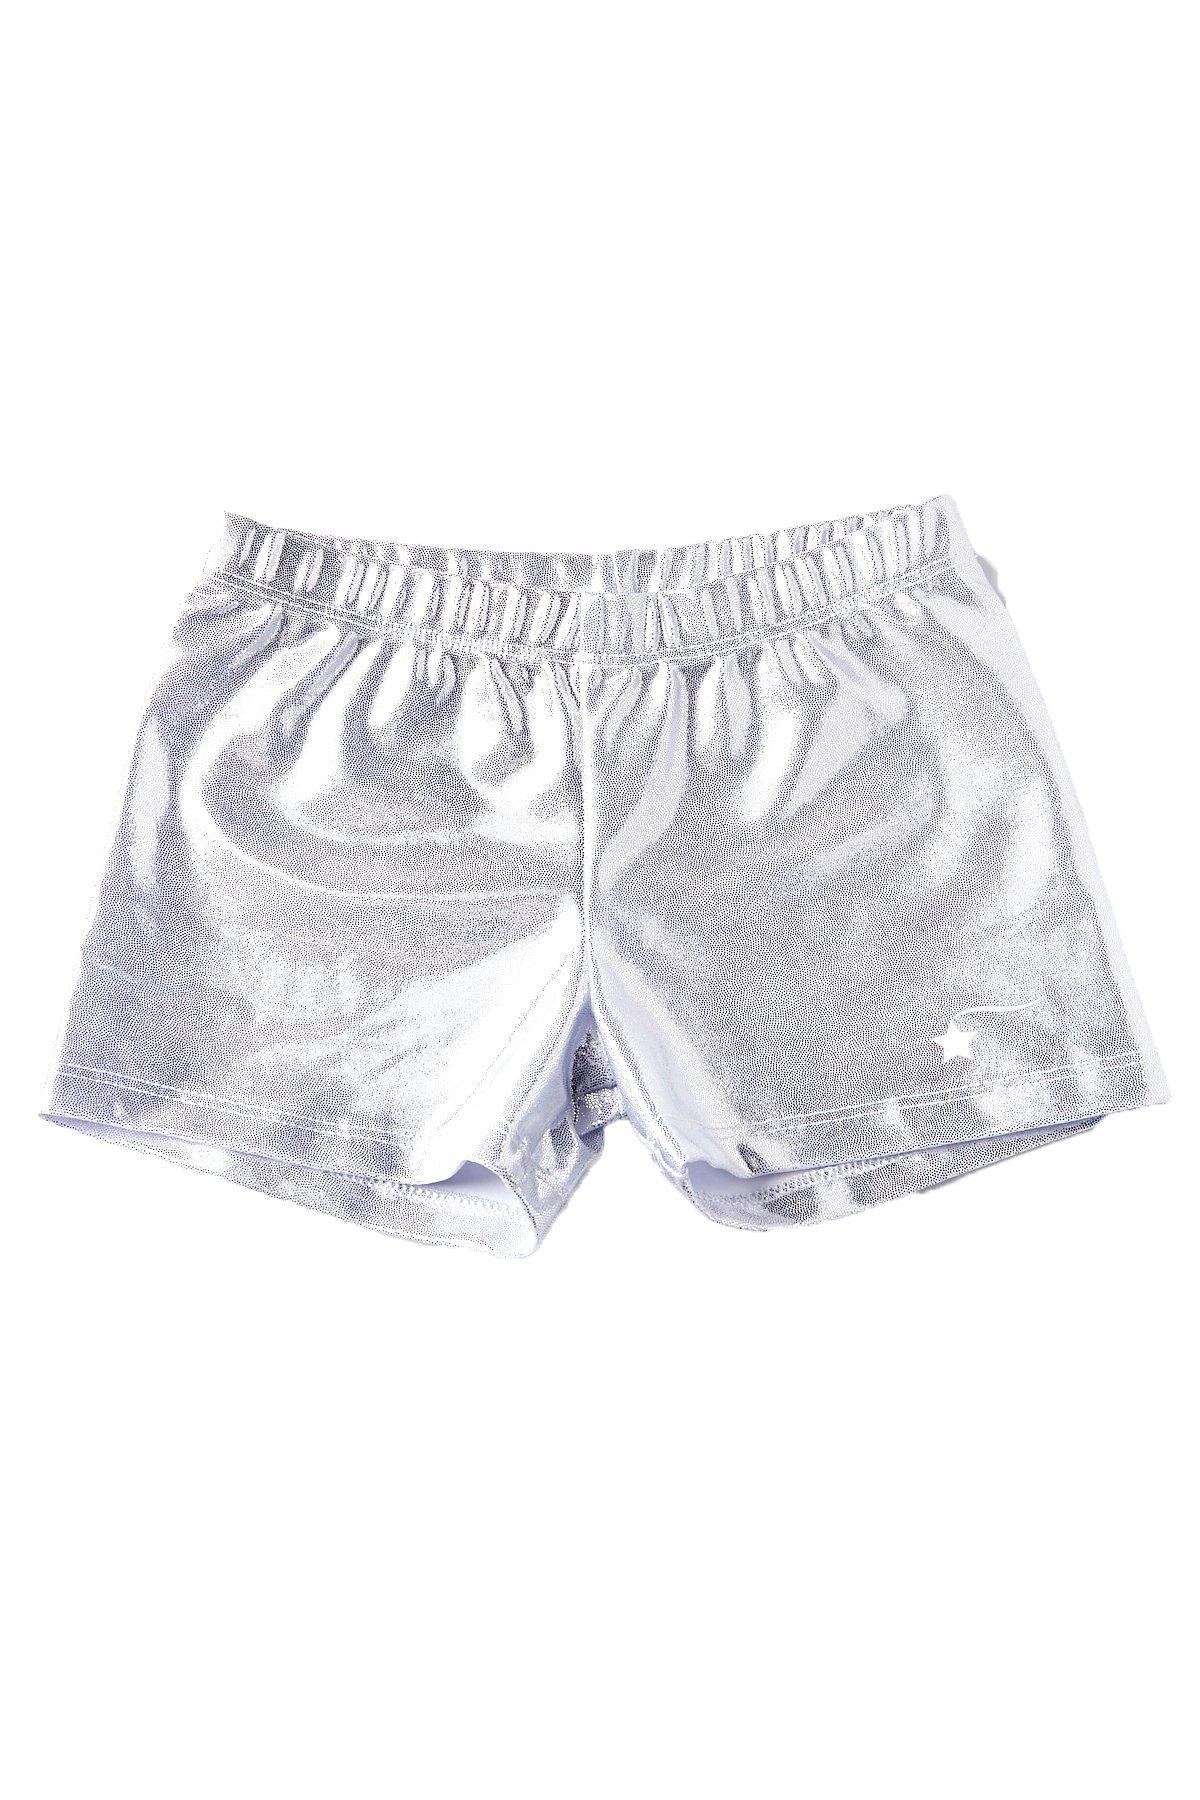 e4e260e93 Galleon - DESTIRA Silver Gymnastics Sport Shorts For Girls